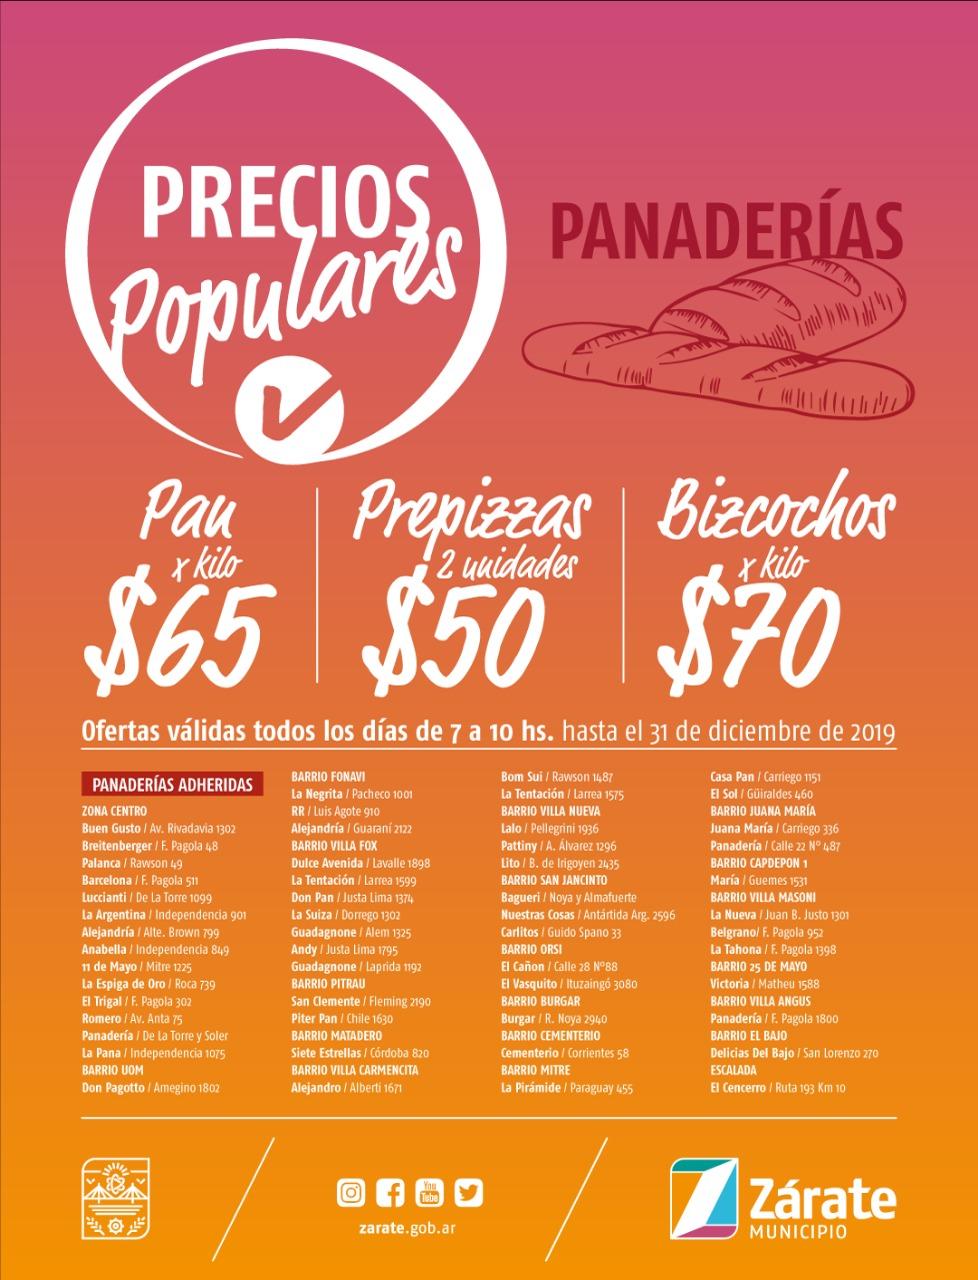 Nuevo listado de panaderías adheridas al programa Precios Populares